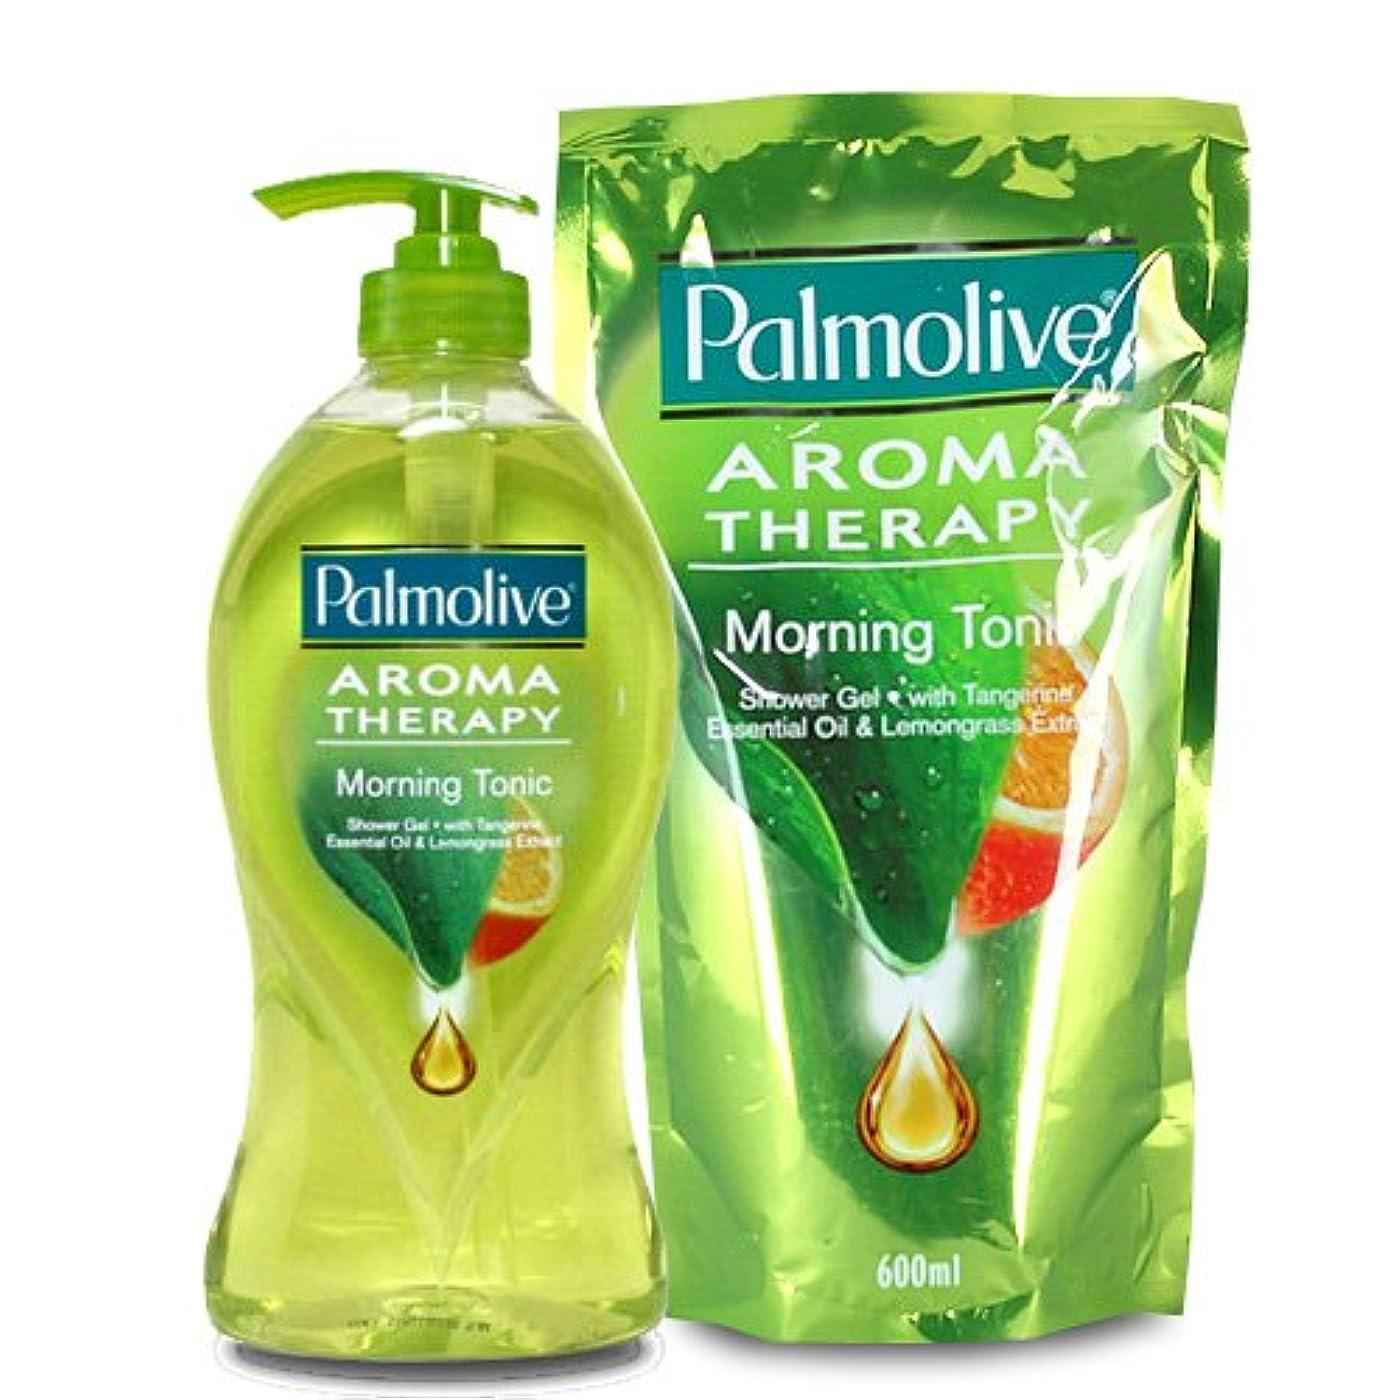 膨らみ未亡人苦しみ【Palmolive】パルモリーブ アロマセラピーシャワージェル ボトルと詰め替えのセット (モーニングトニック)